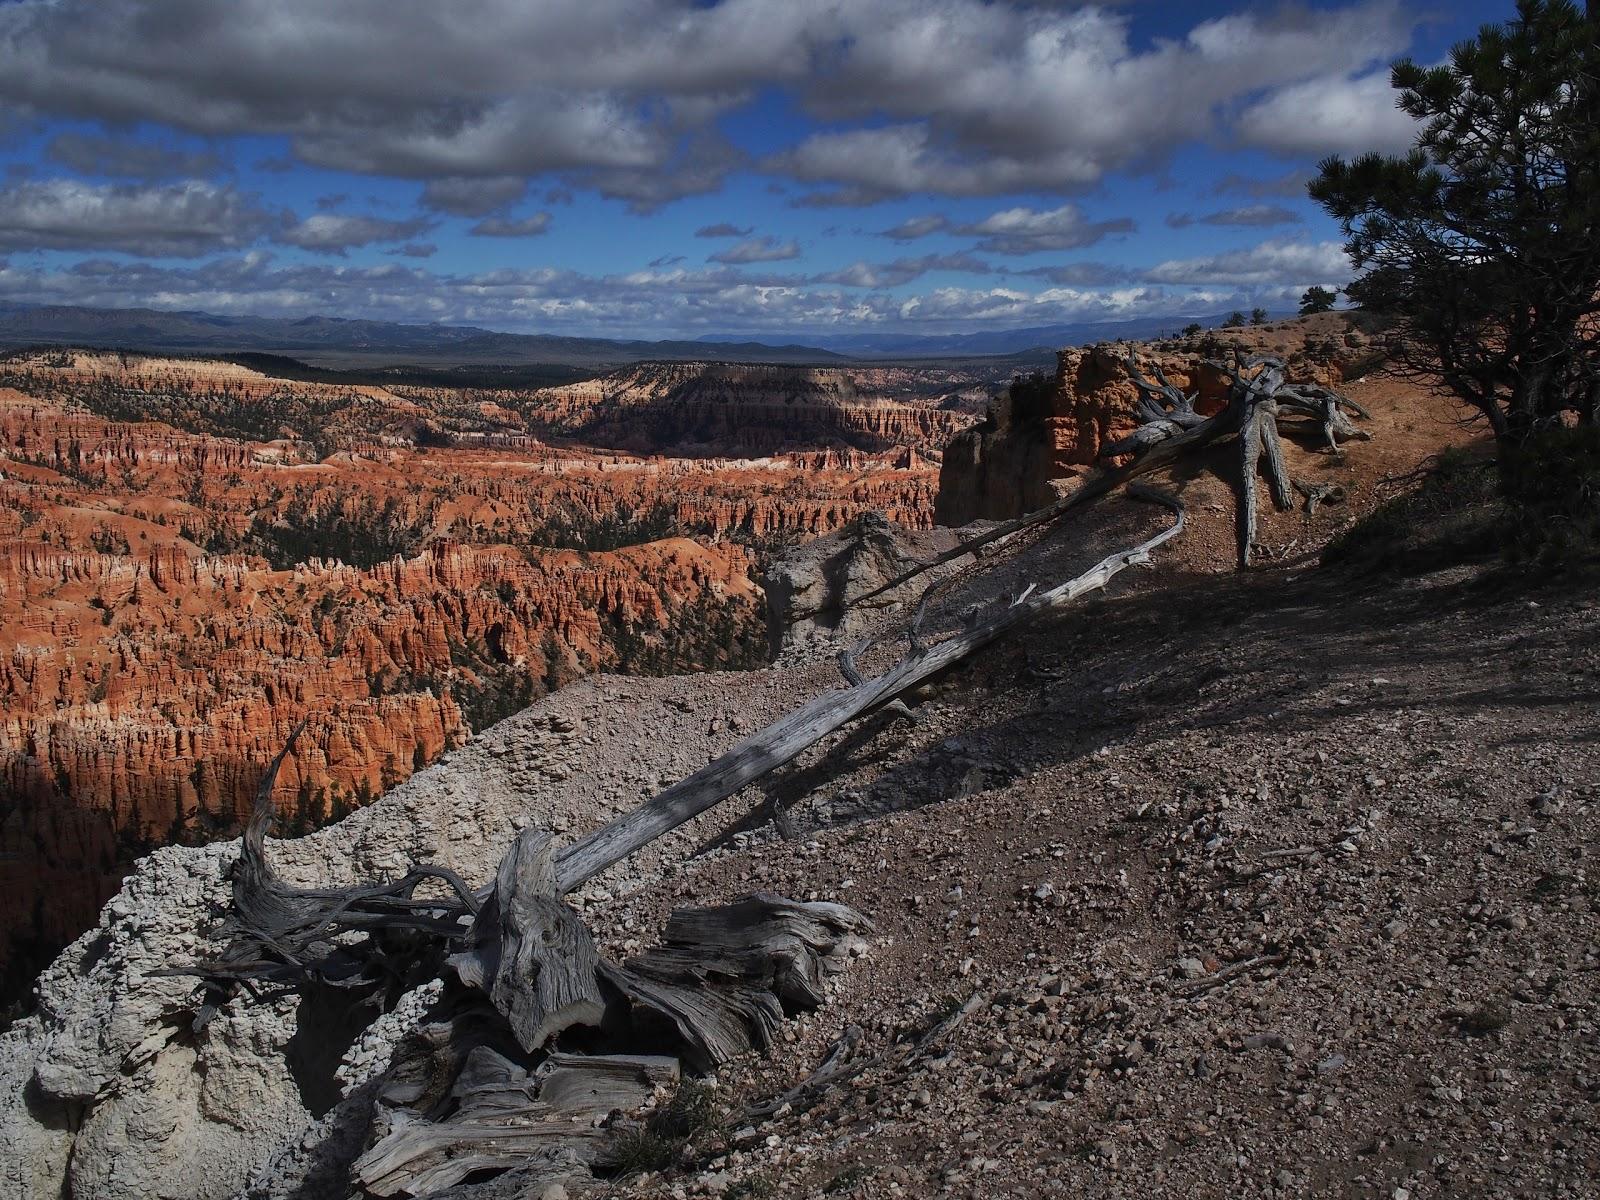 Rim Shots, #brycecanyon #rimshots #landscape 2014